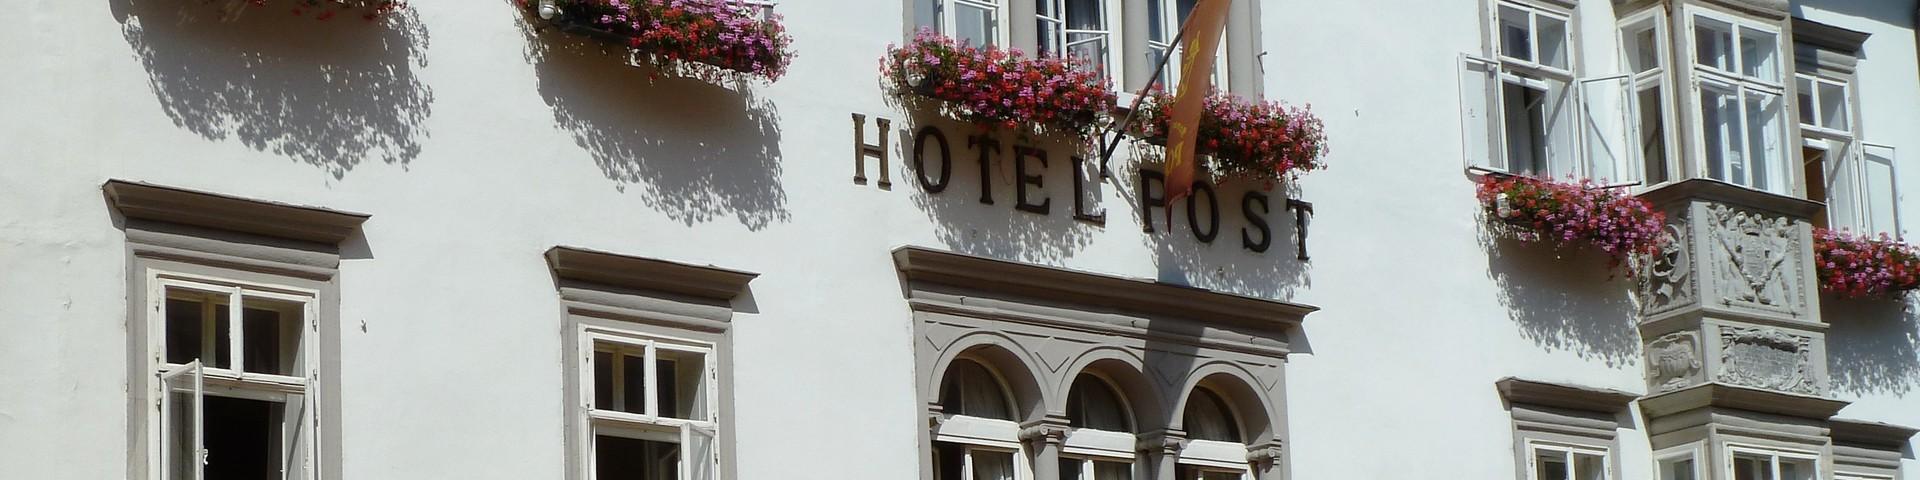 Romantik Hotel Post - Aussenansicht Café und Hotel © Romantik Hotel Post